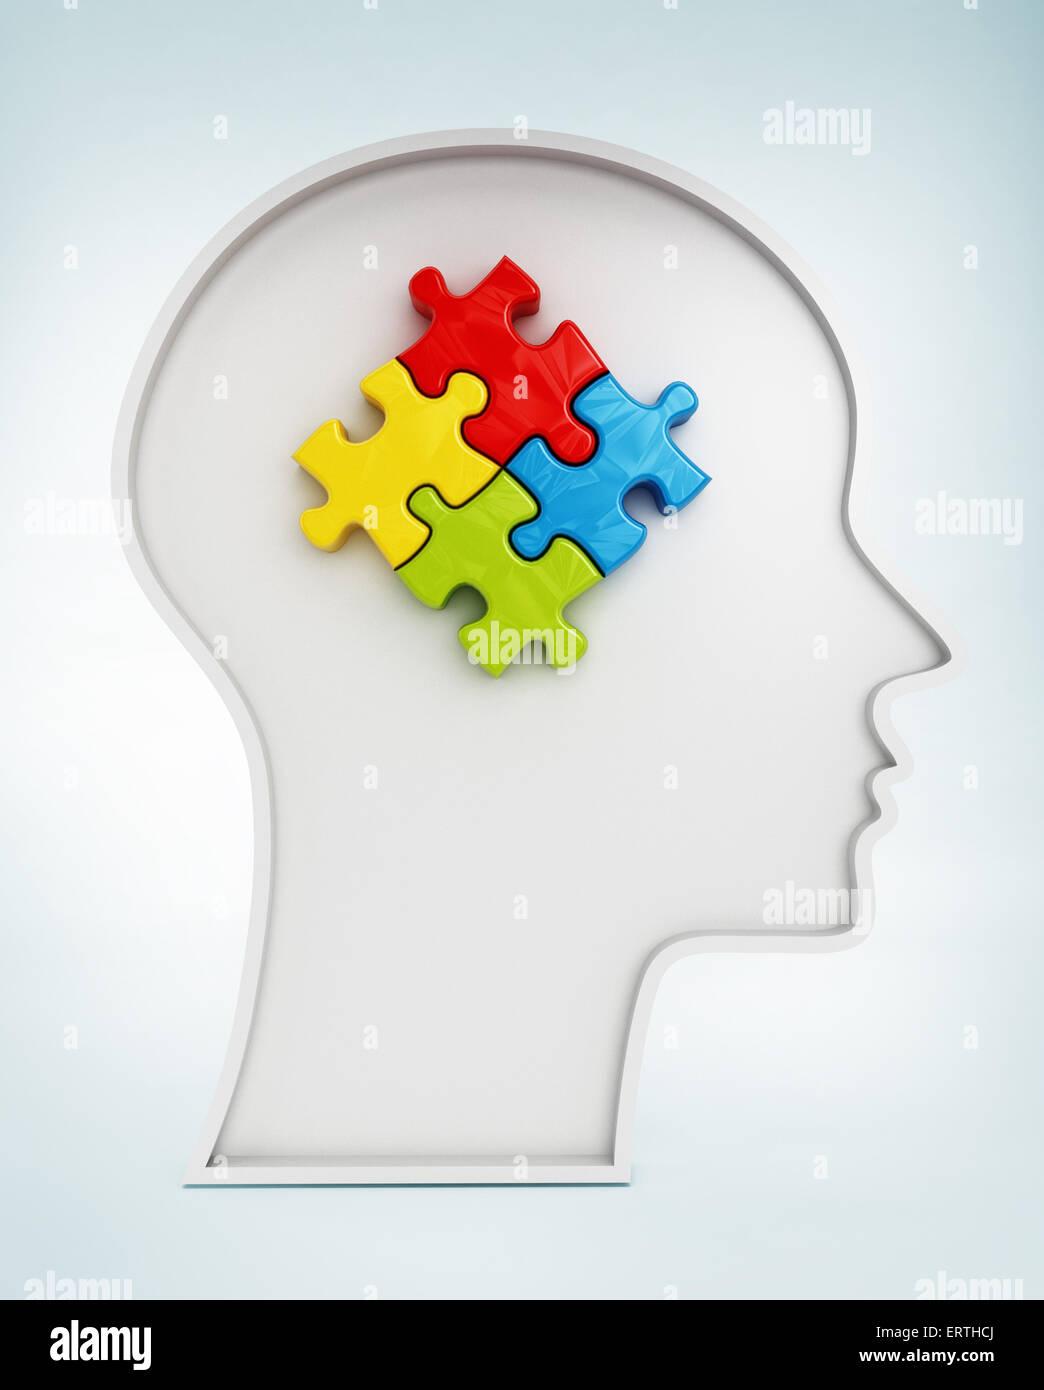 Las piezas de un rompecabezas de cuatro colores en forma de cabeza humana Imagen De Stock